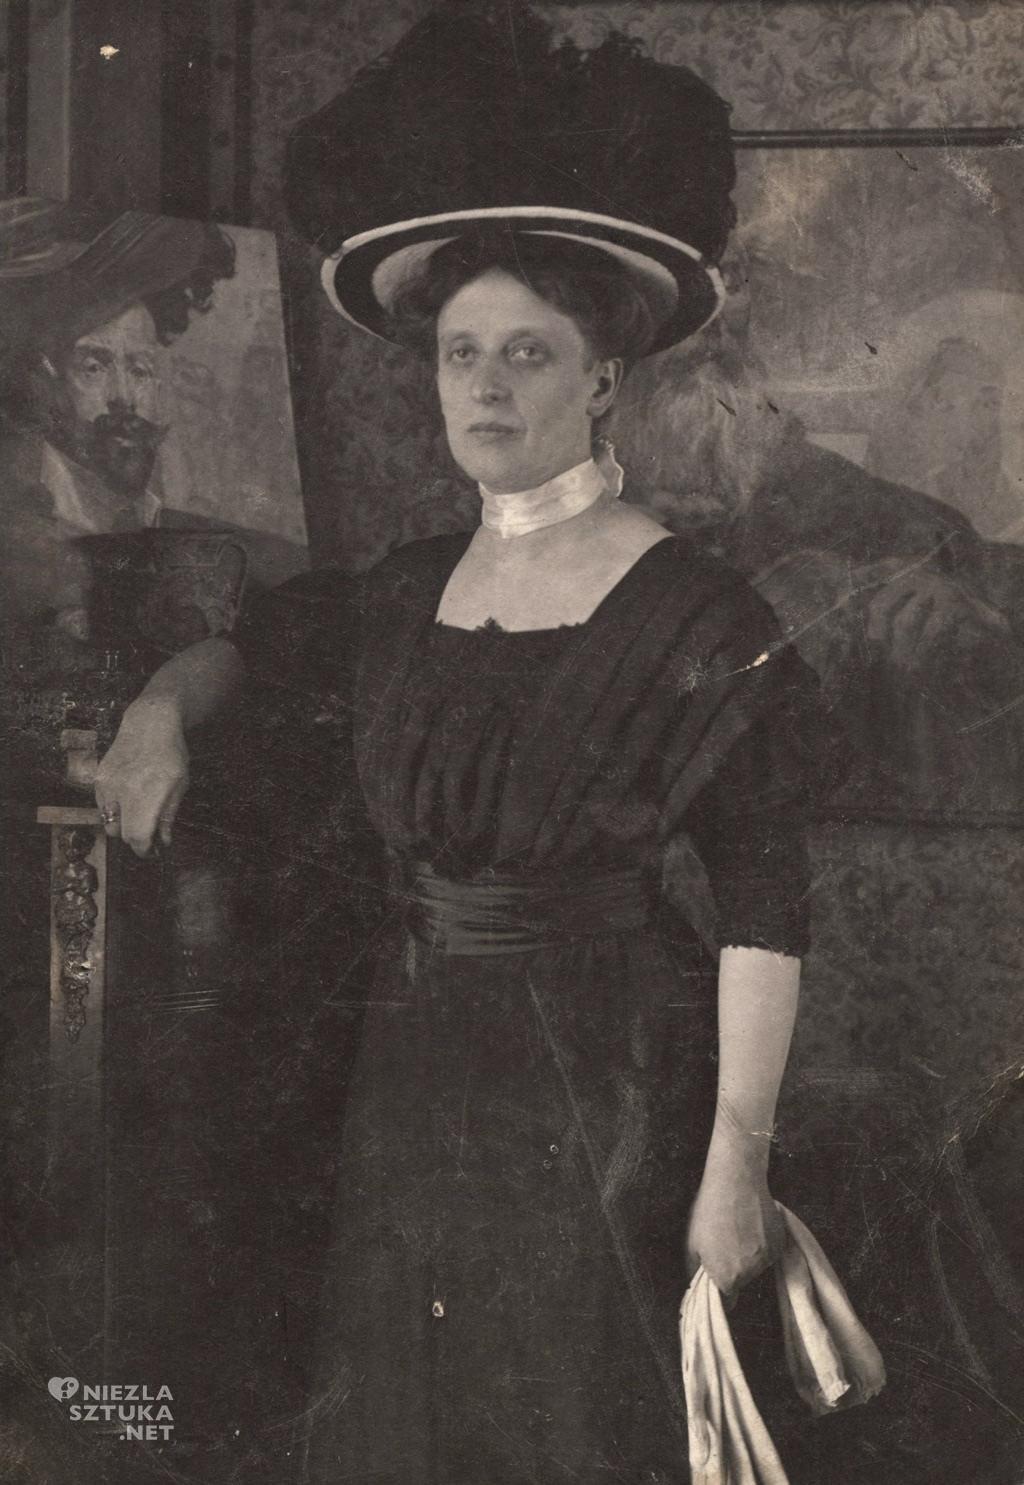 Żona Jacka Malczewskiego, fot. Muzeum Jacka Malczewskiego w Radomiu, Niezła sztuka